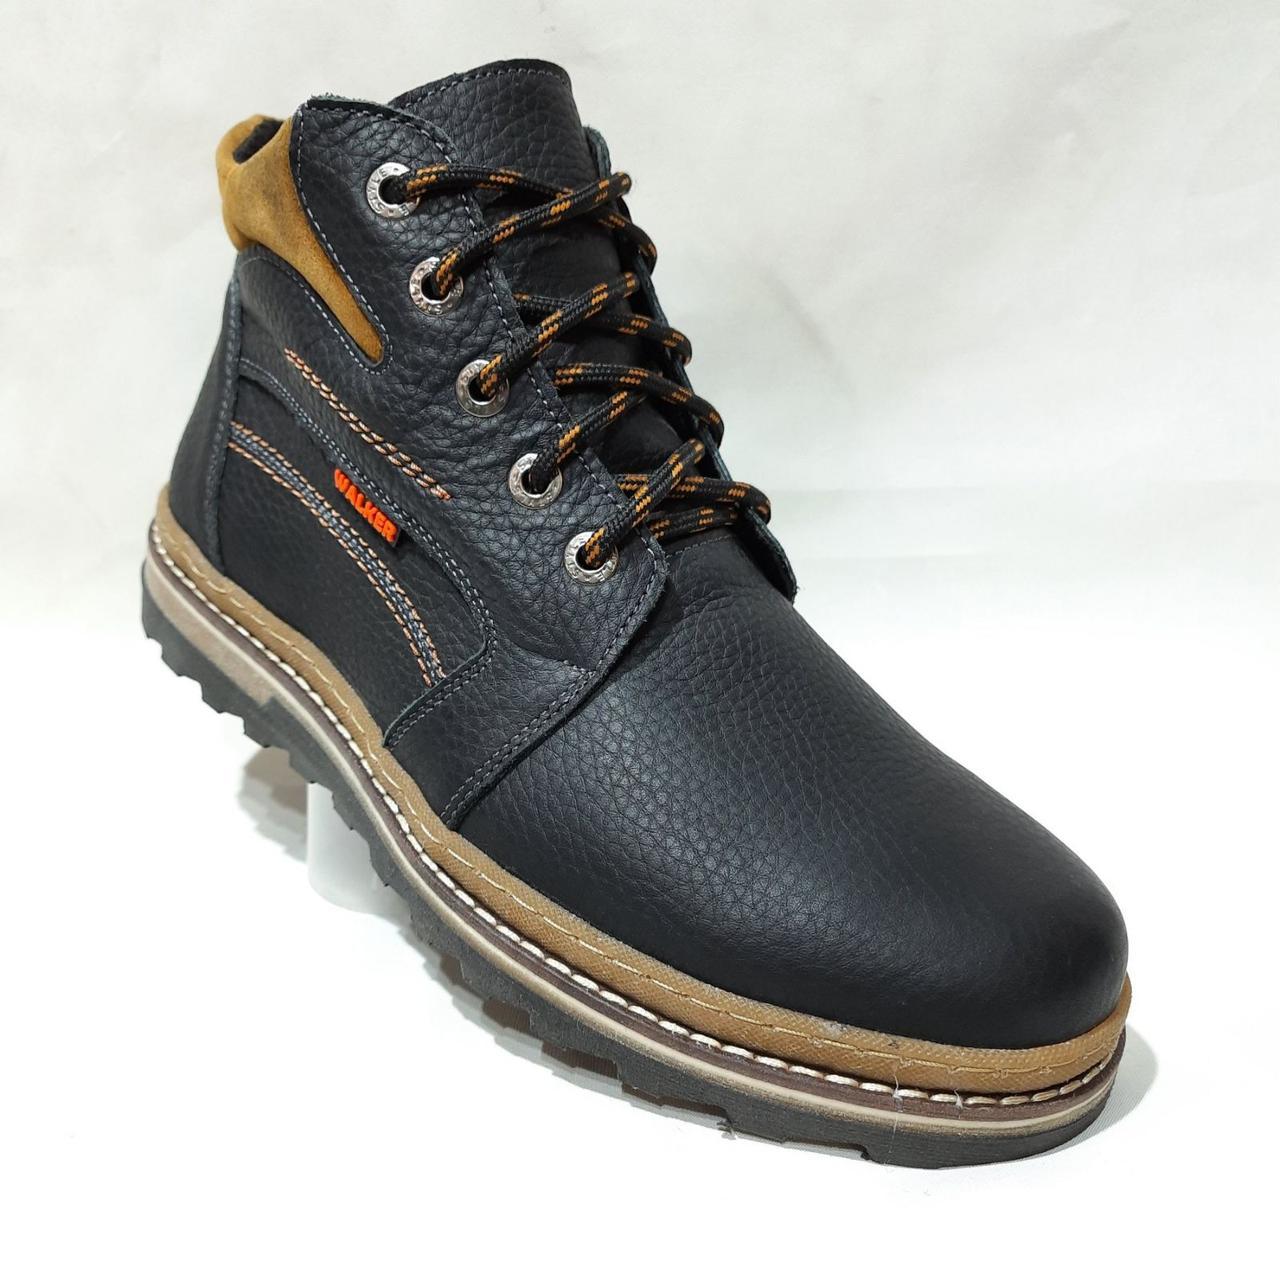 Зимние мужские ботинки из натуральной кожи теплые на меху Черные